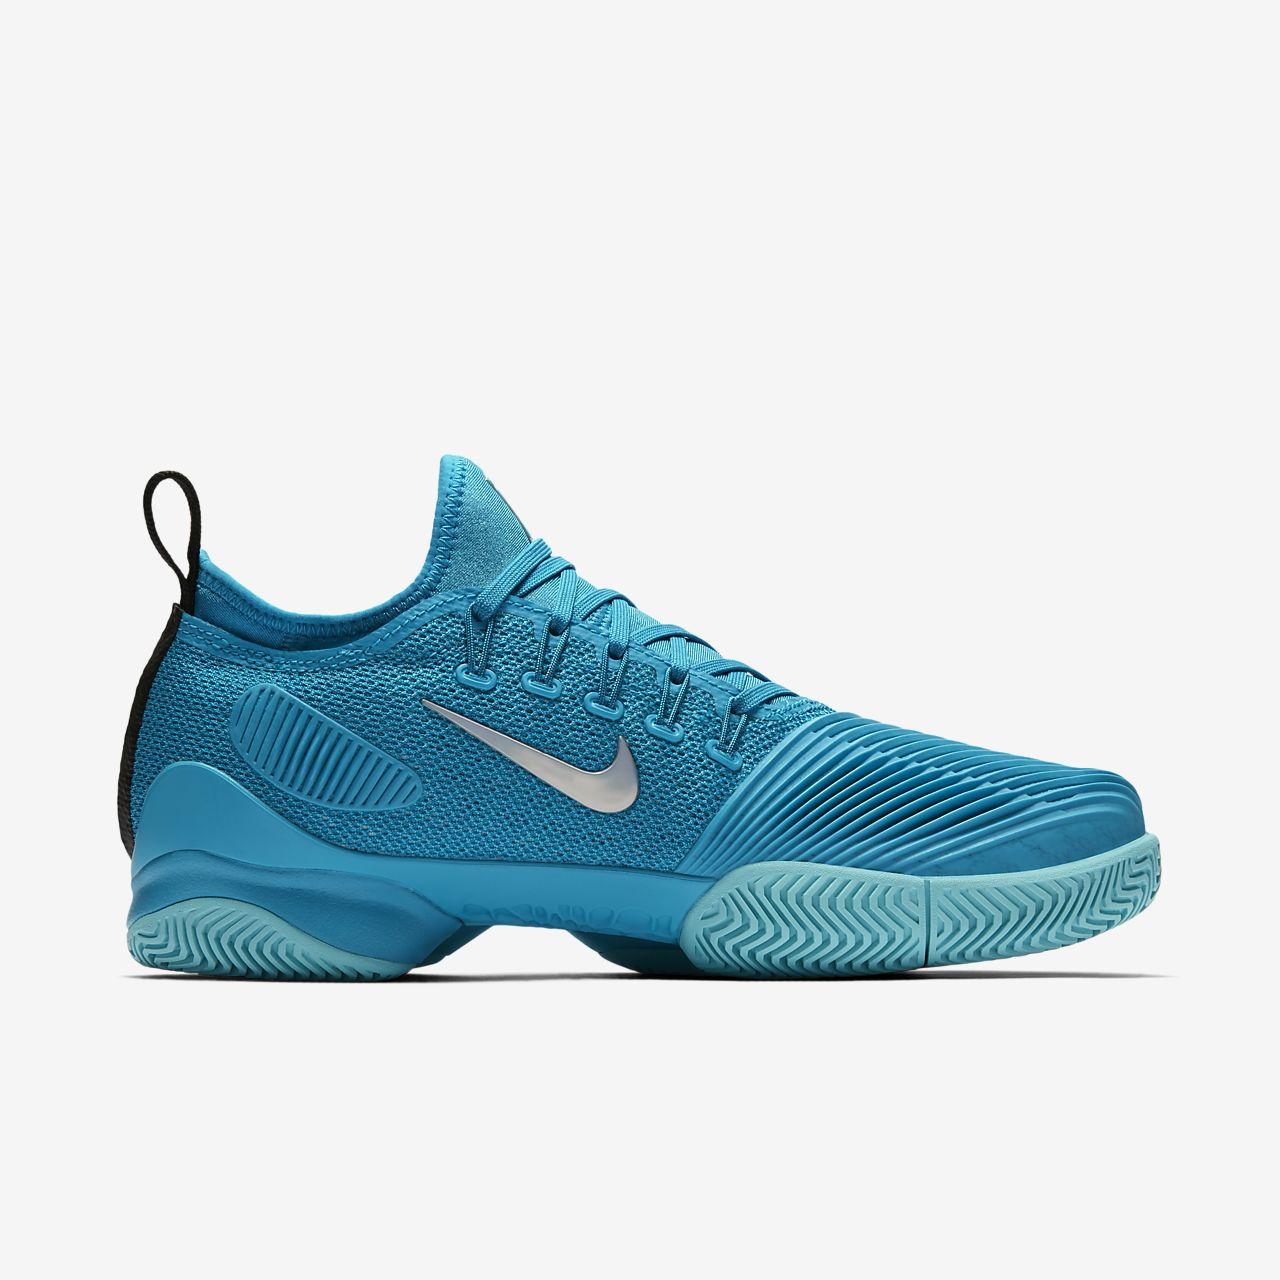 NikeCourt Air Zoom Ultra React HC Damen-Tennisschuh - Blau uckfW7iX